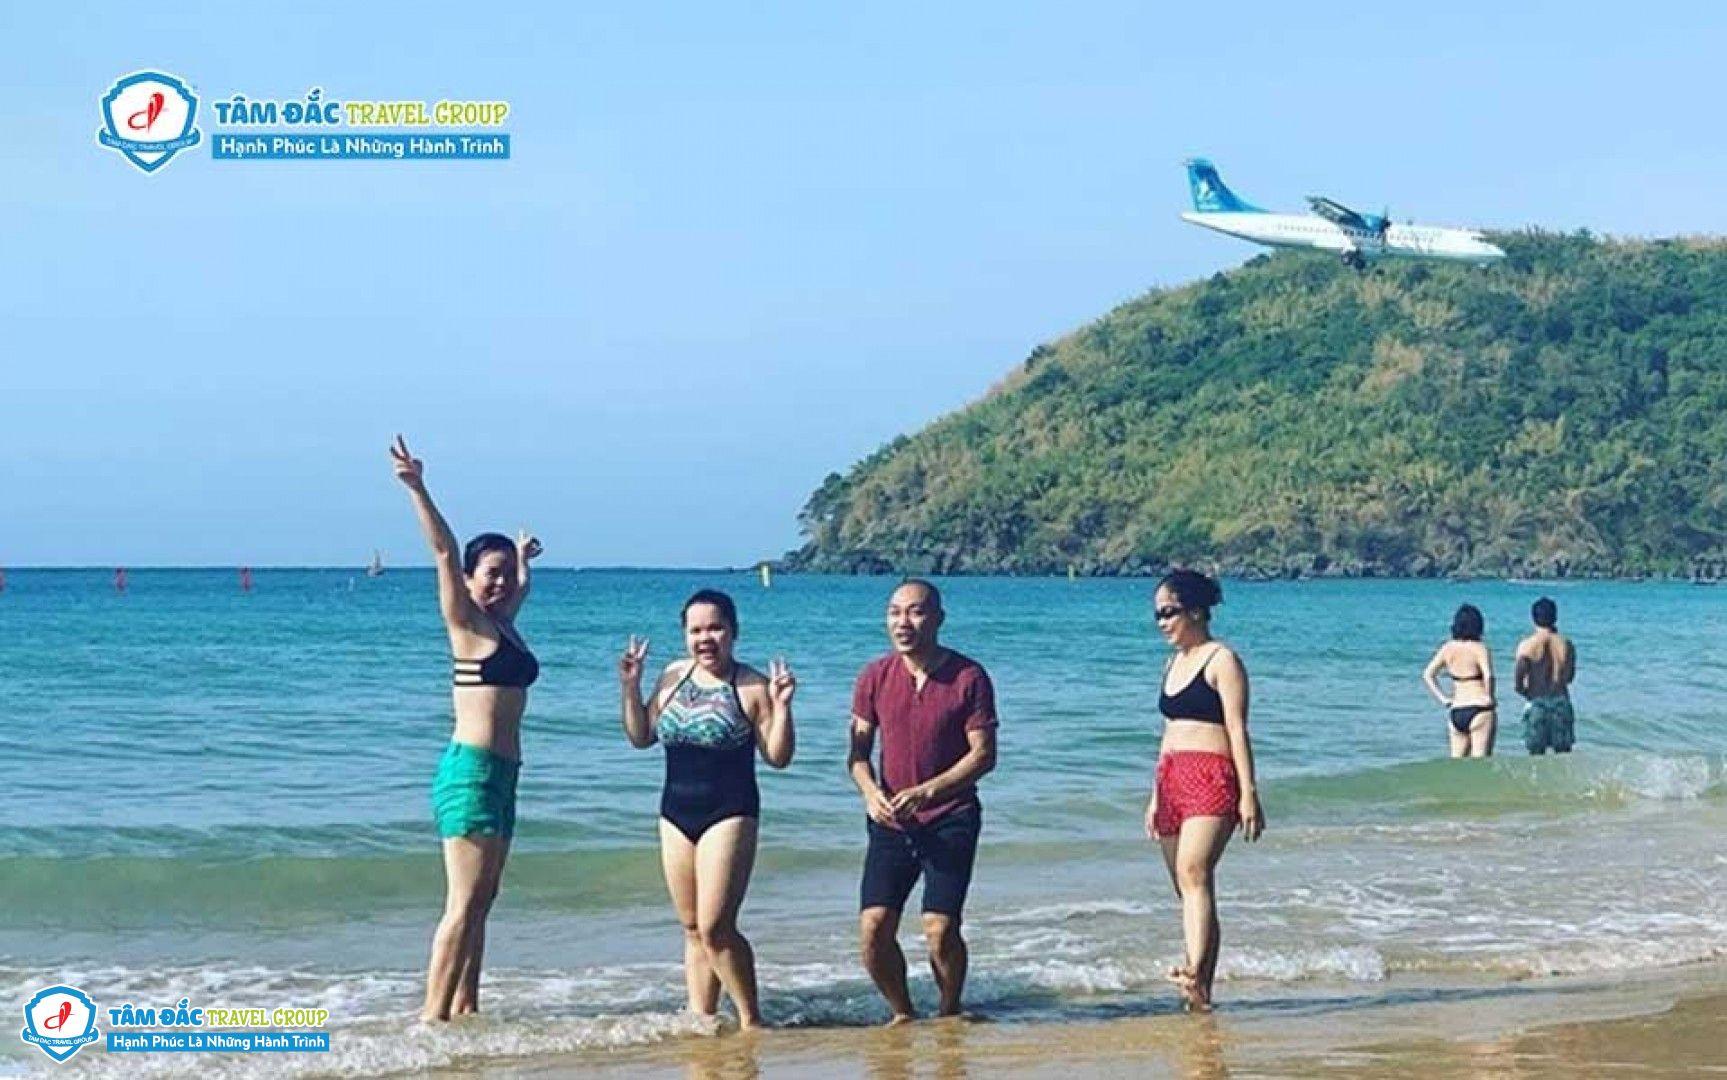 Tour Du Lịch Côn Đảo 2 ngày 2 đêm - giá siêu rẻ